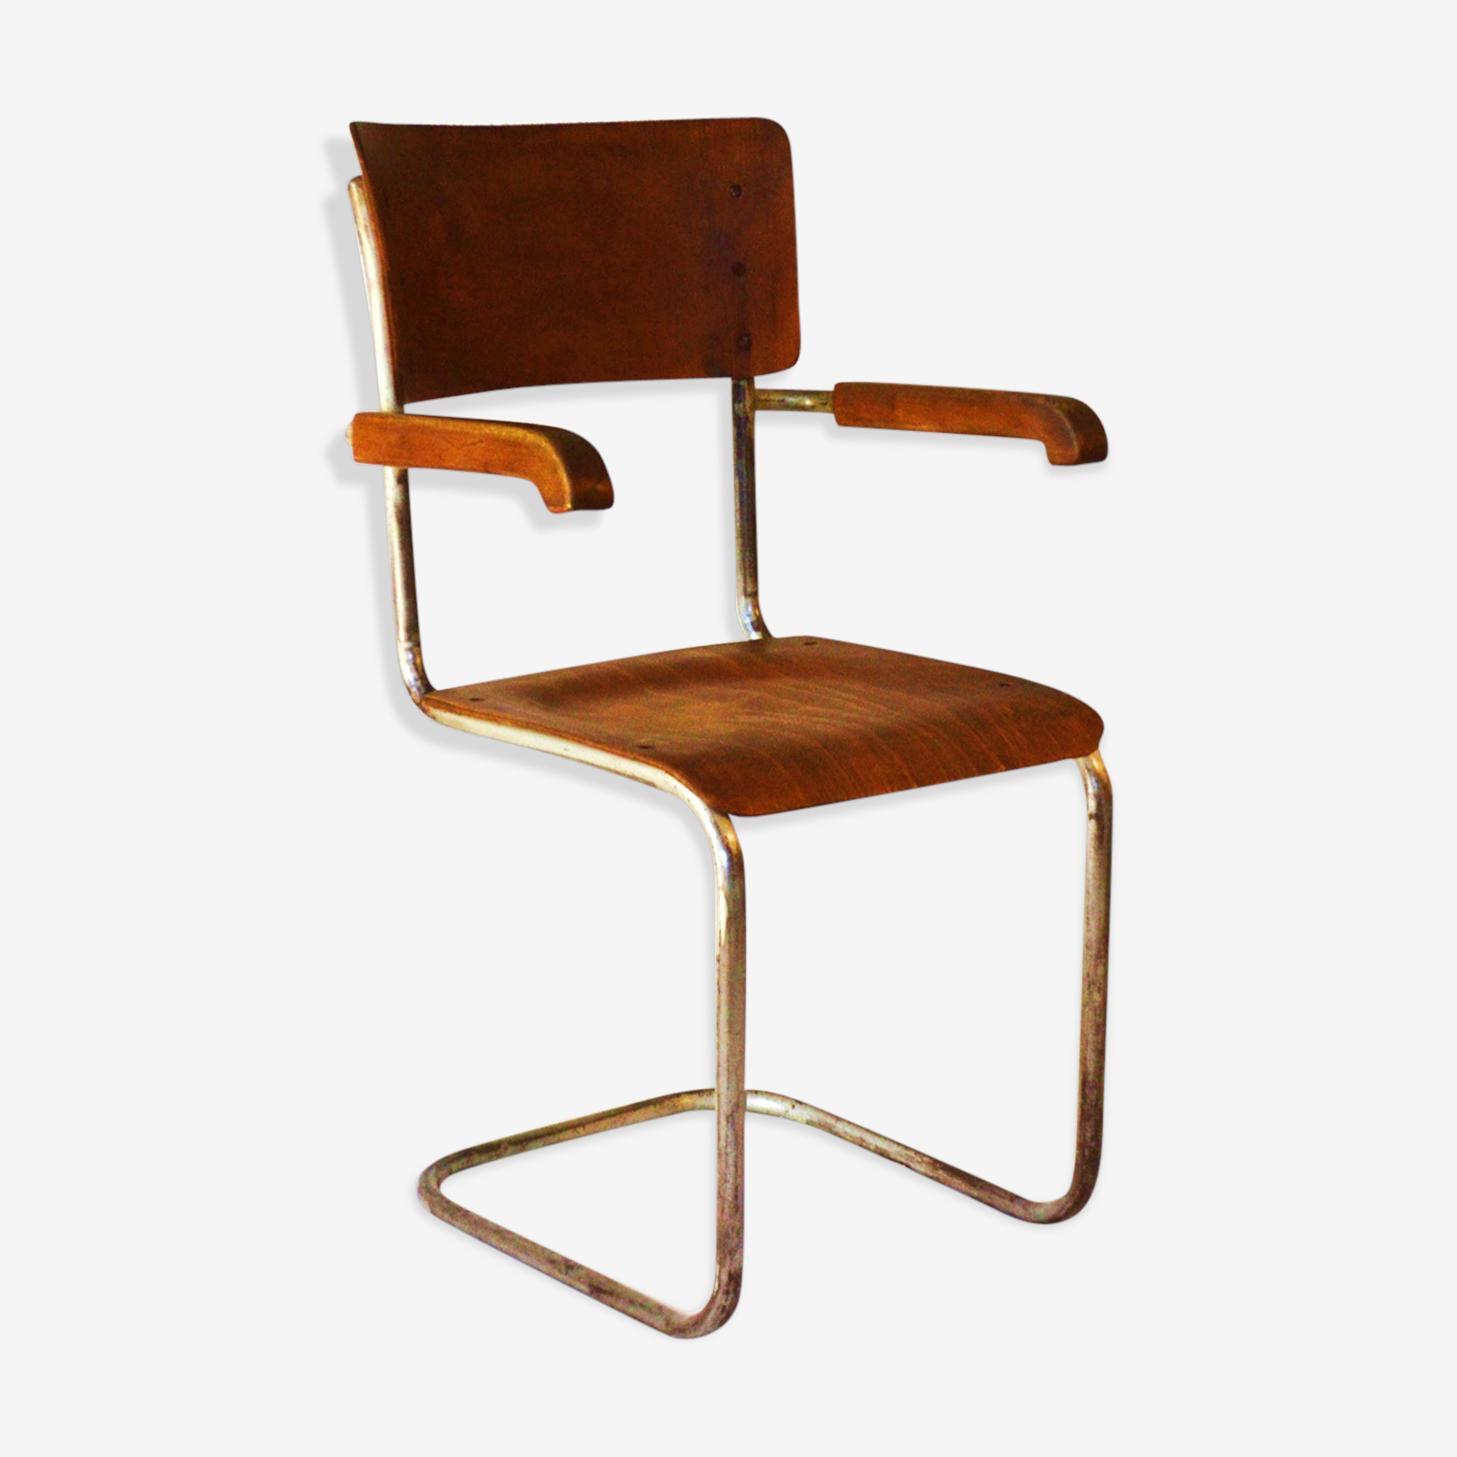 Chaise de Vichr de style Bauhaus des années 1930modèle de Mart Stam